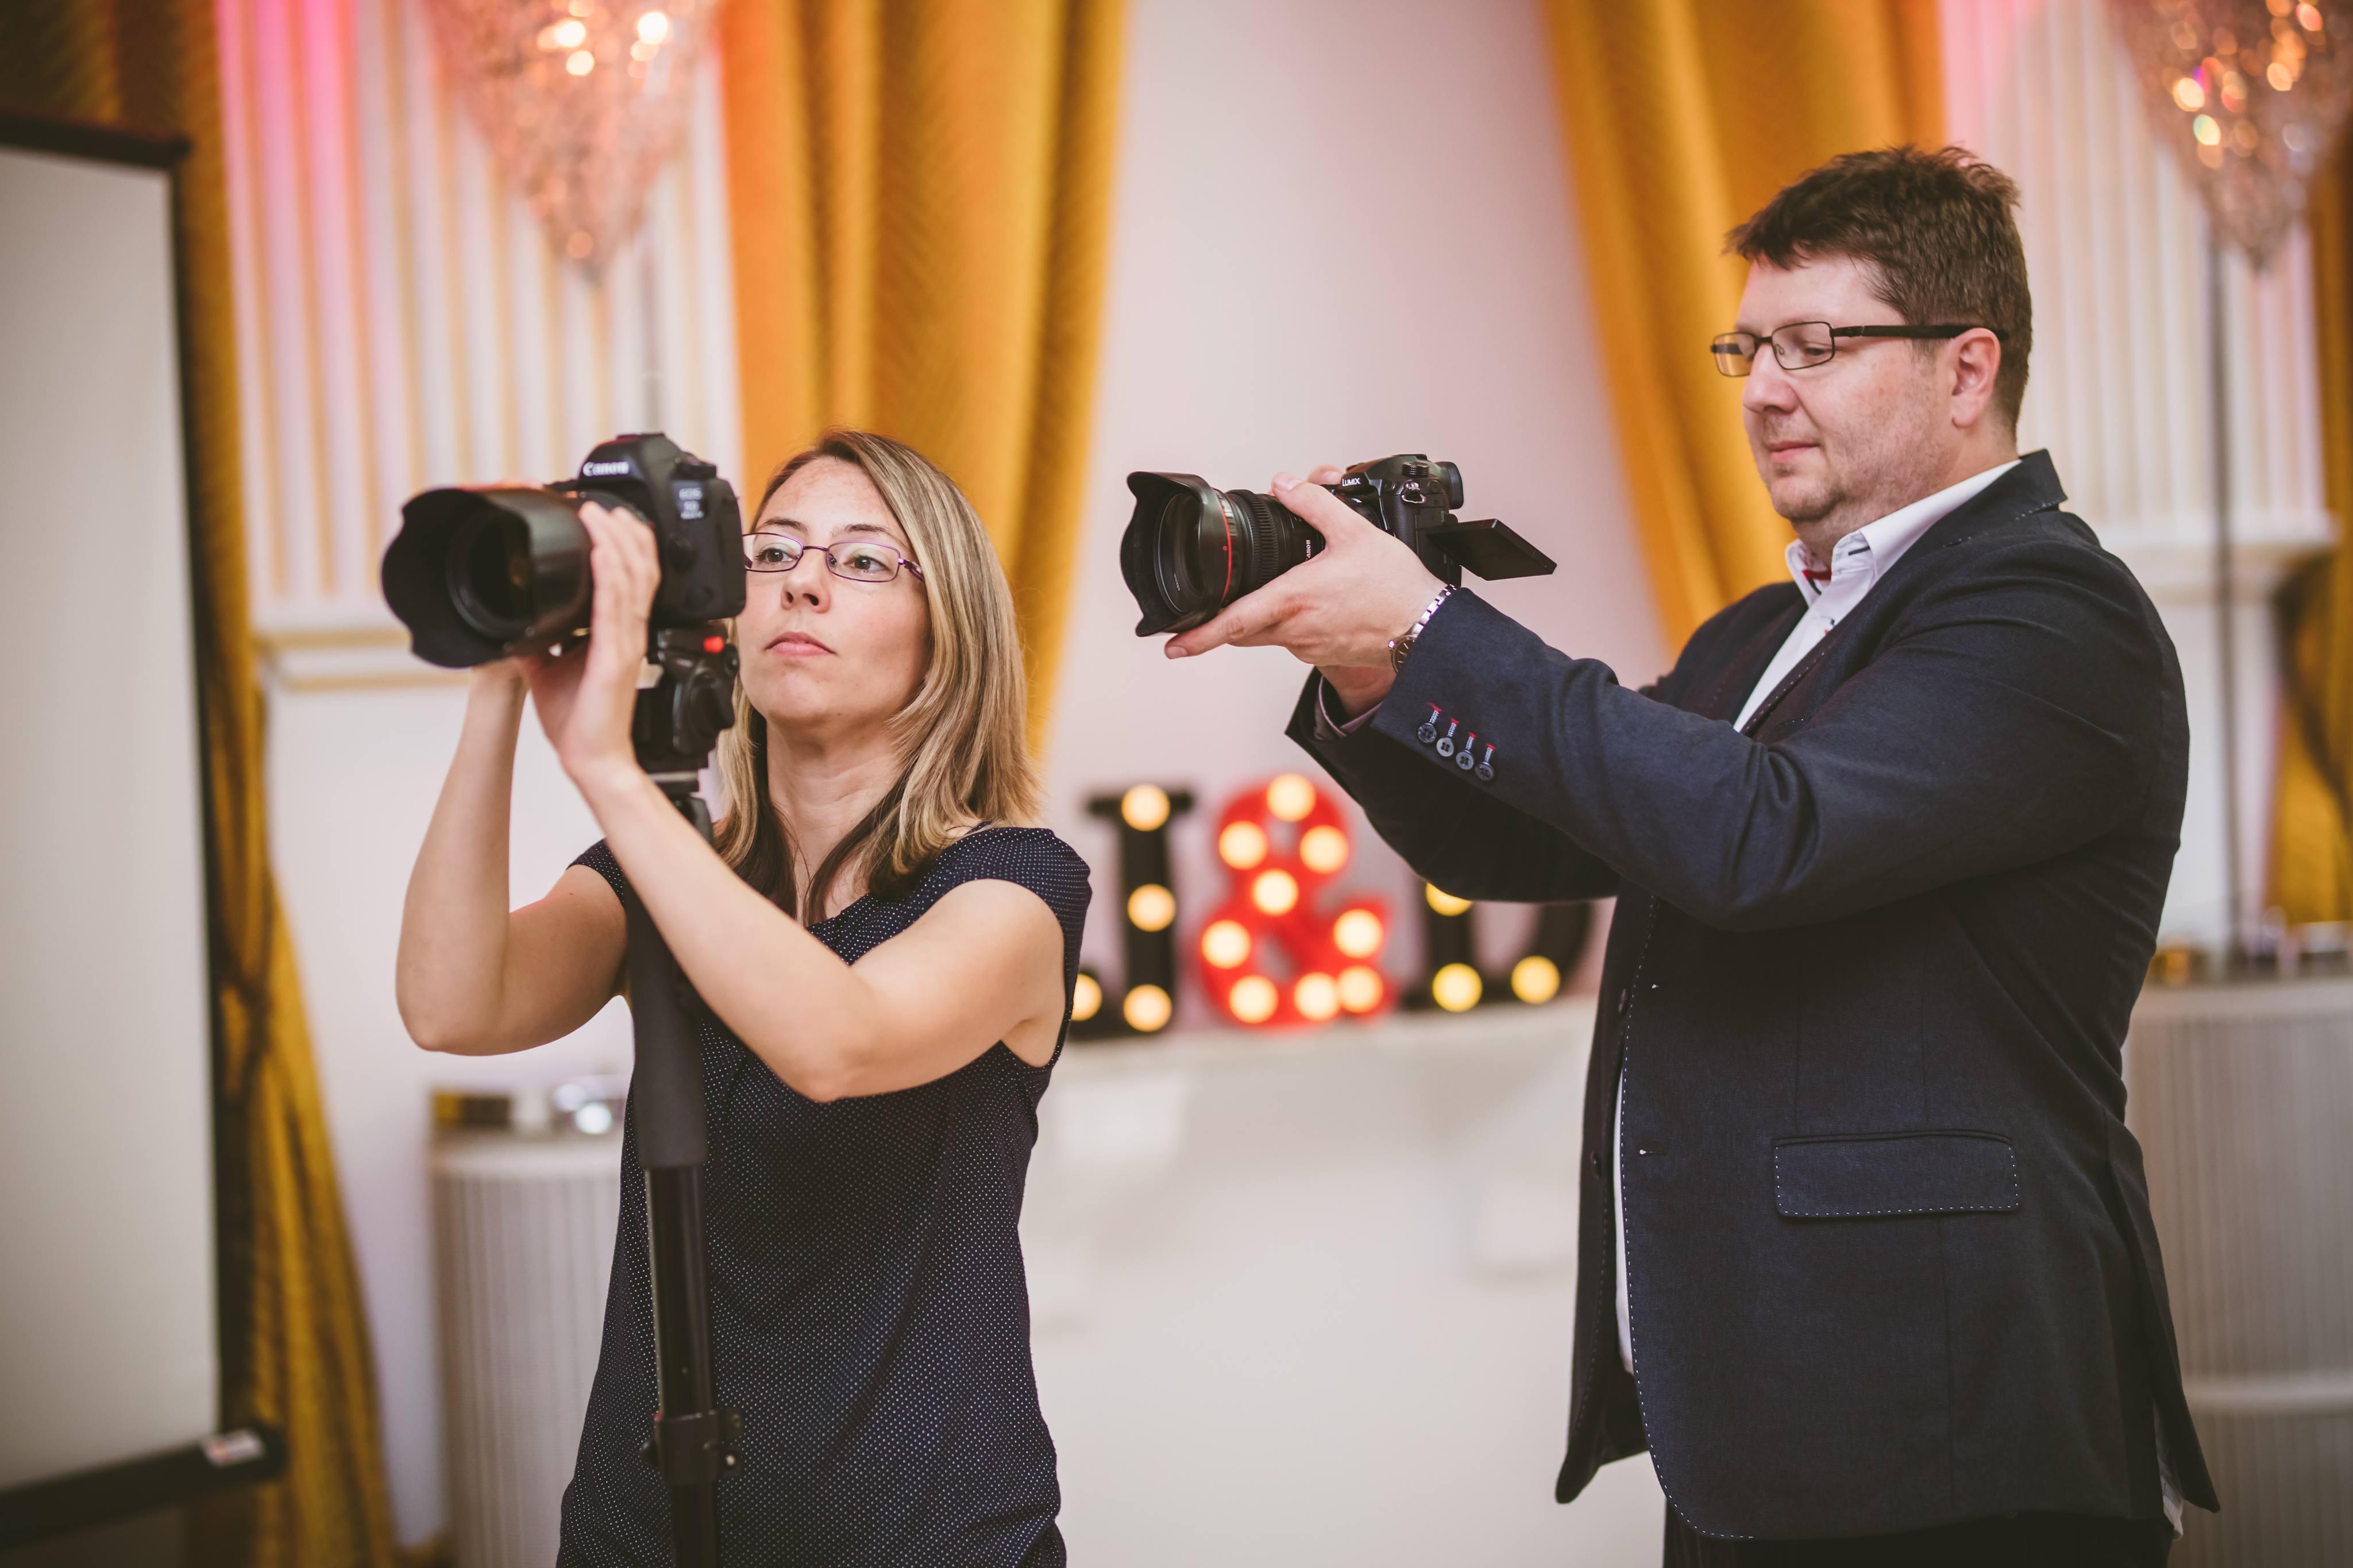 Erika and Zsolt wedding videographer